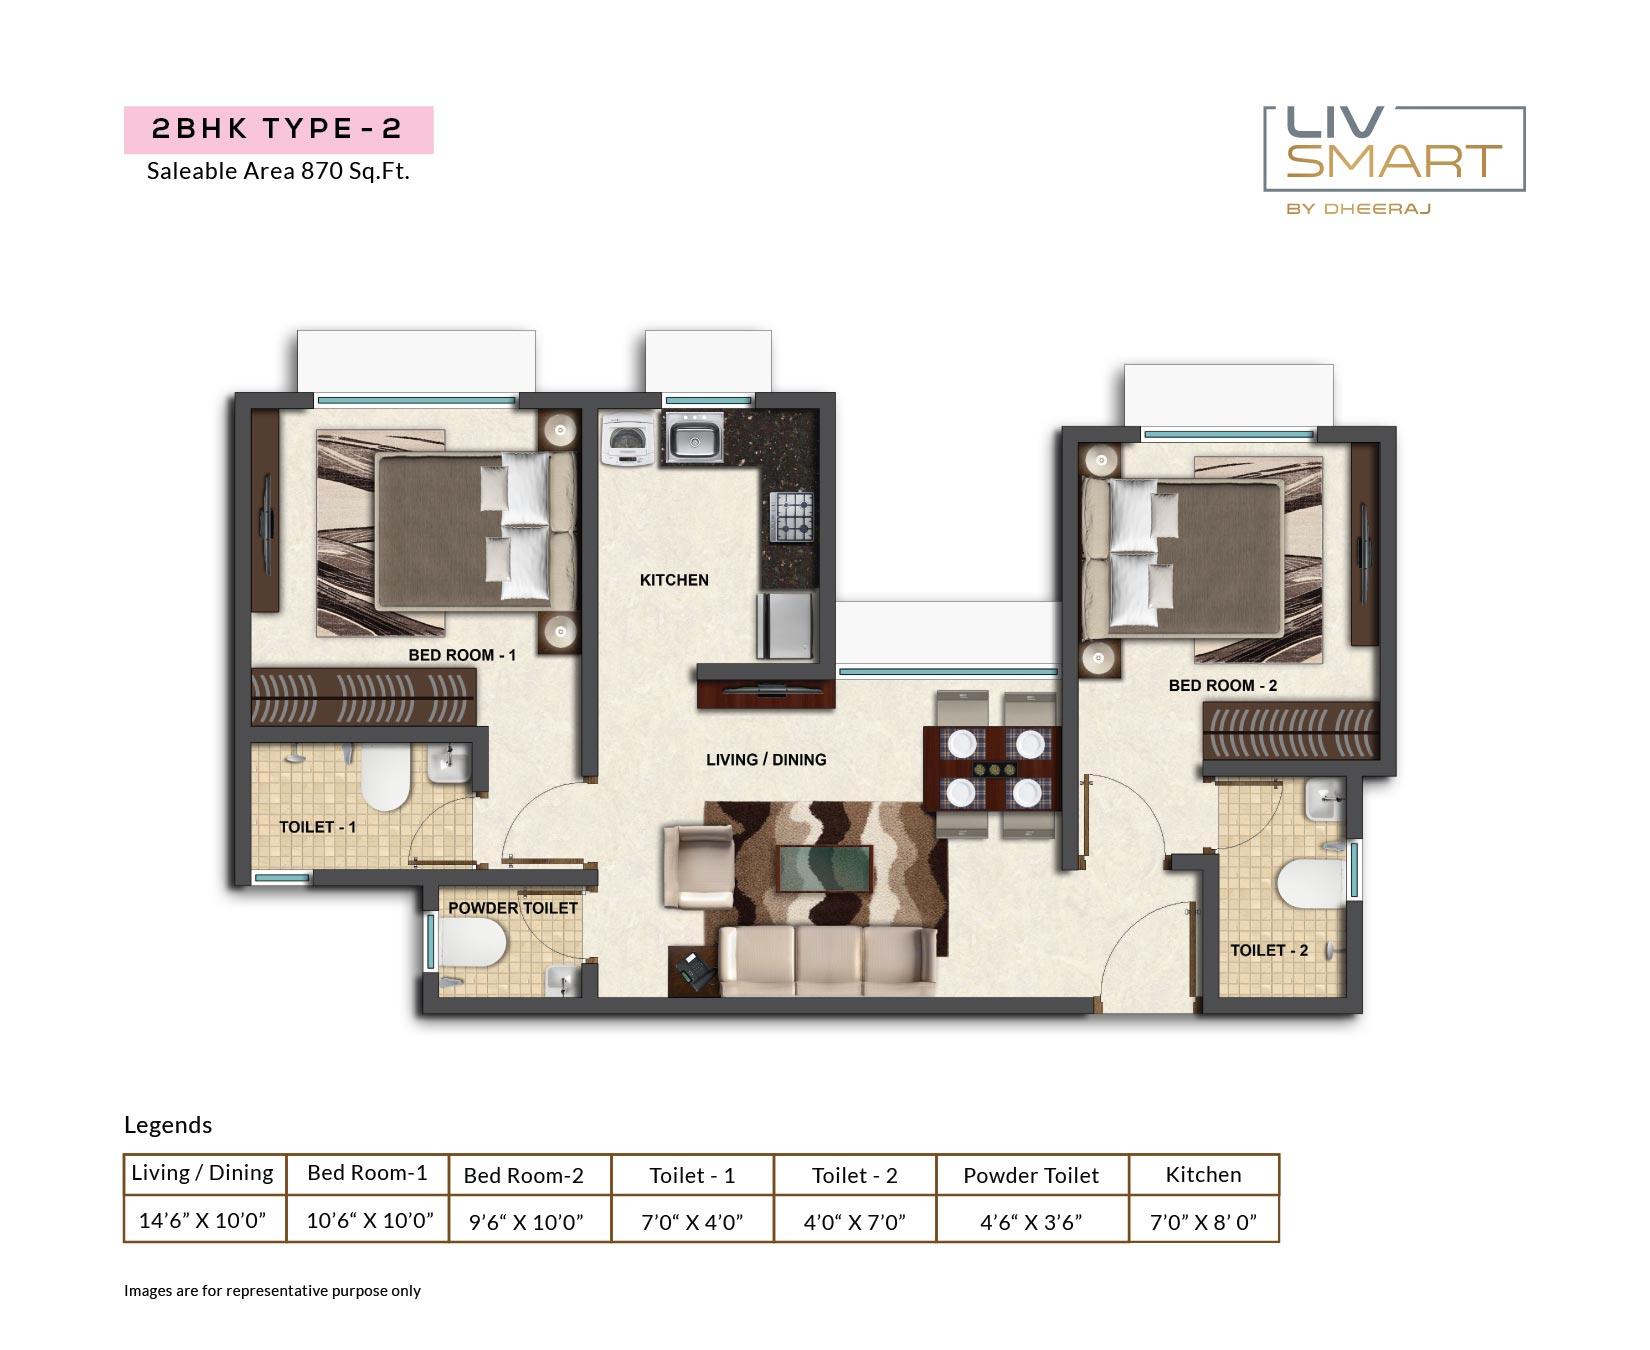 dheeraj liv smart apartment 2bhk 870sqft 1